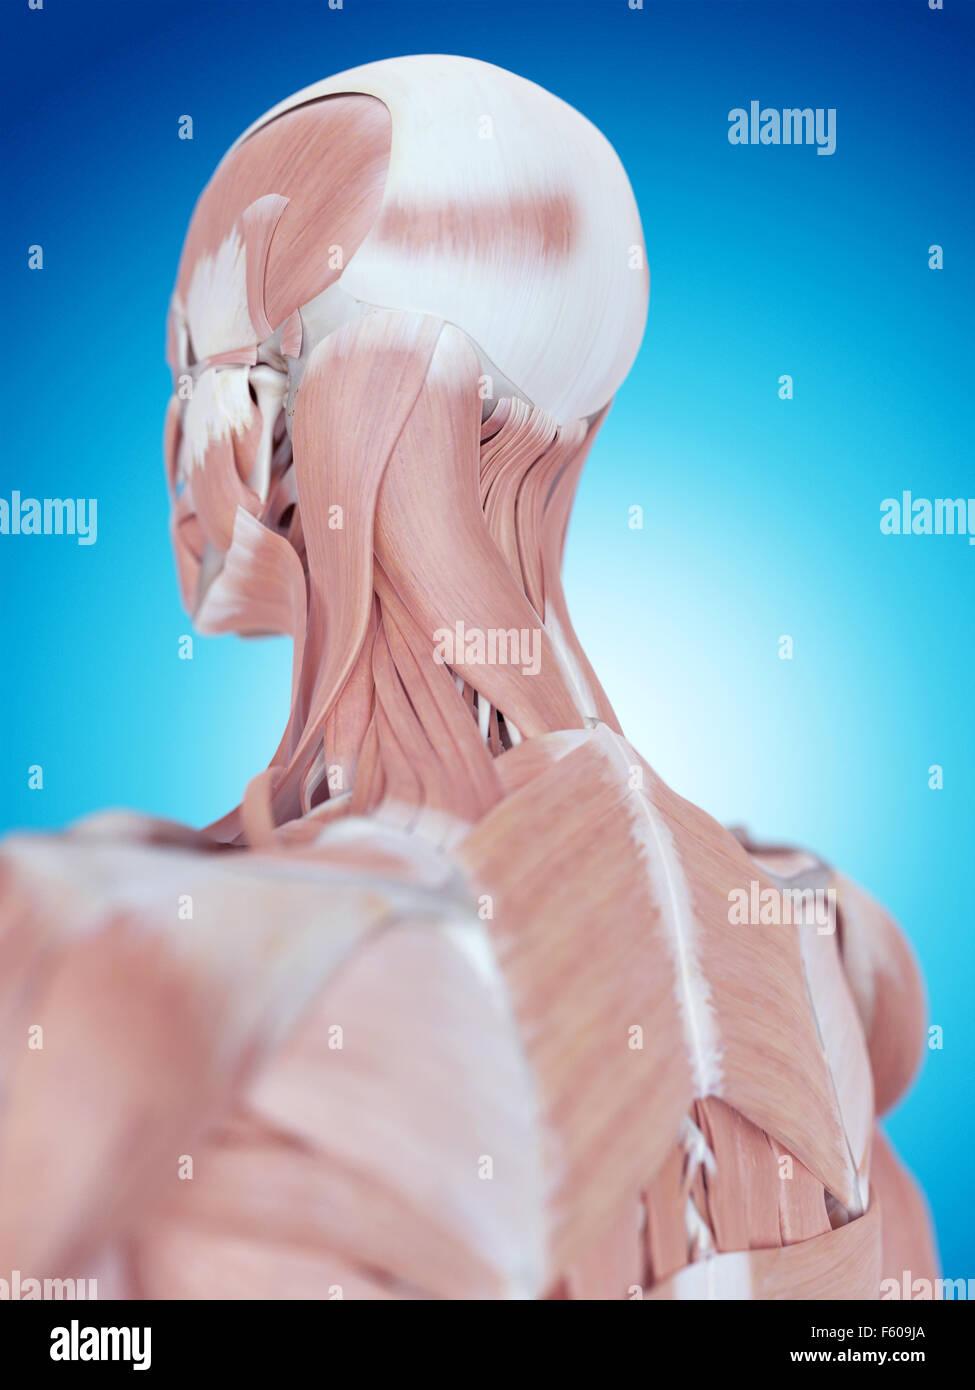 medizinisch genaue Abbildung der Hals Anatomie Stockfoto, Bild ...